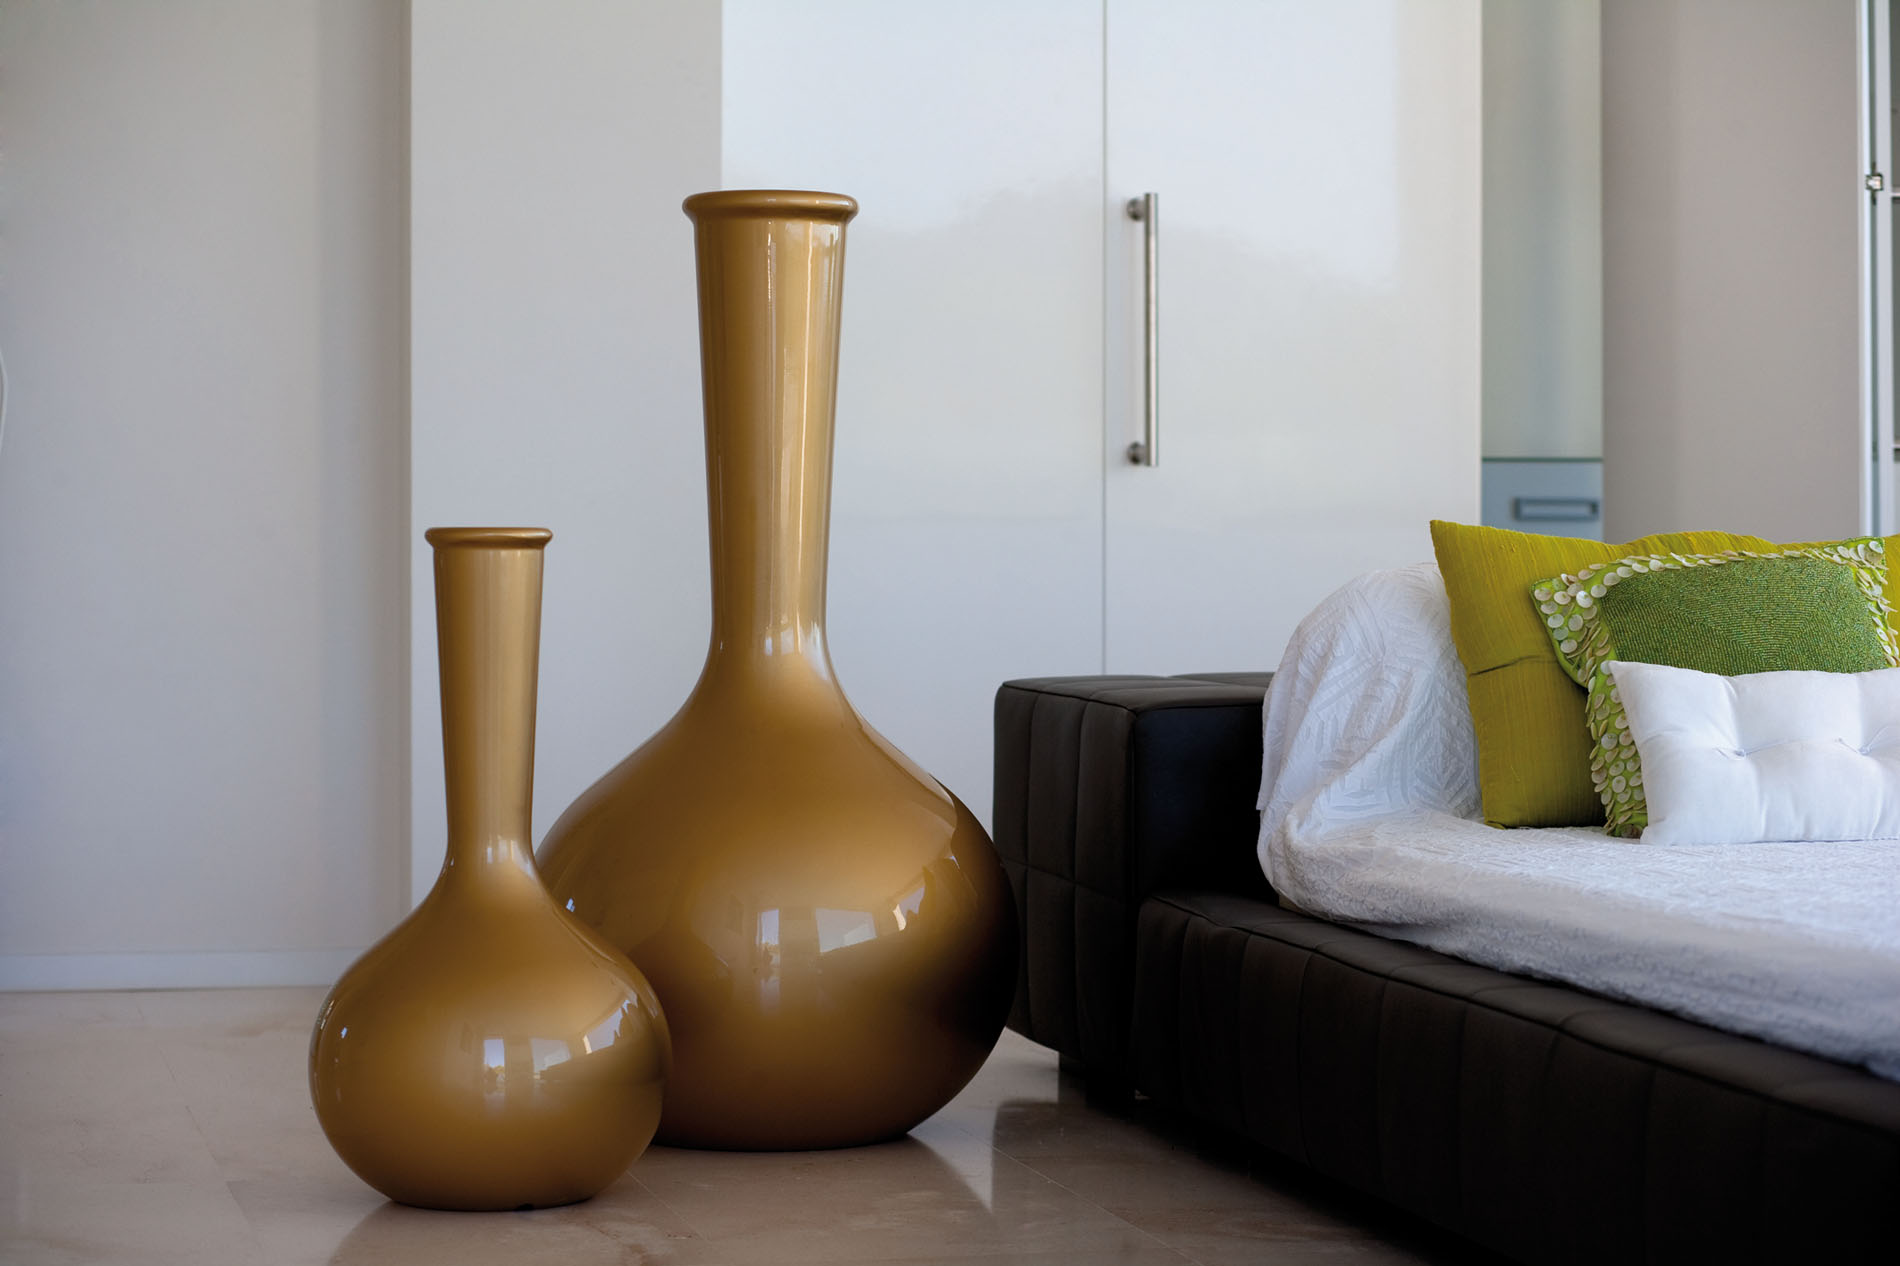 Напольные вазы в интерьере (59 фото): современные и классические формы